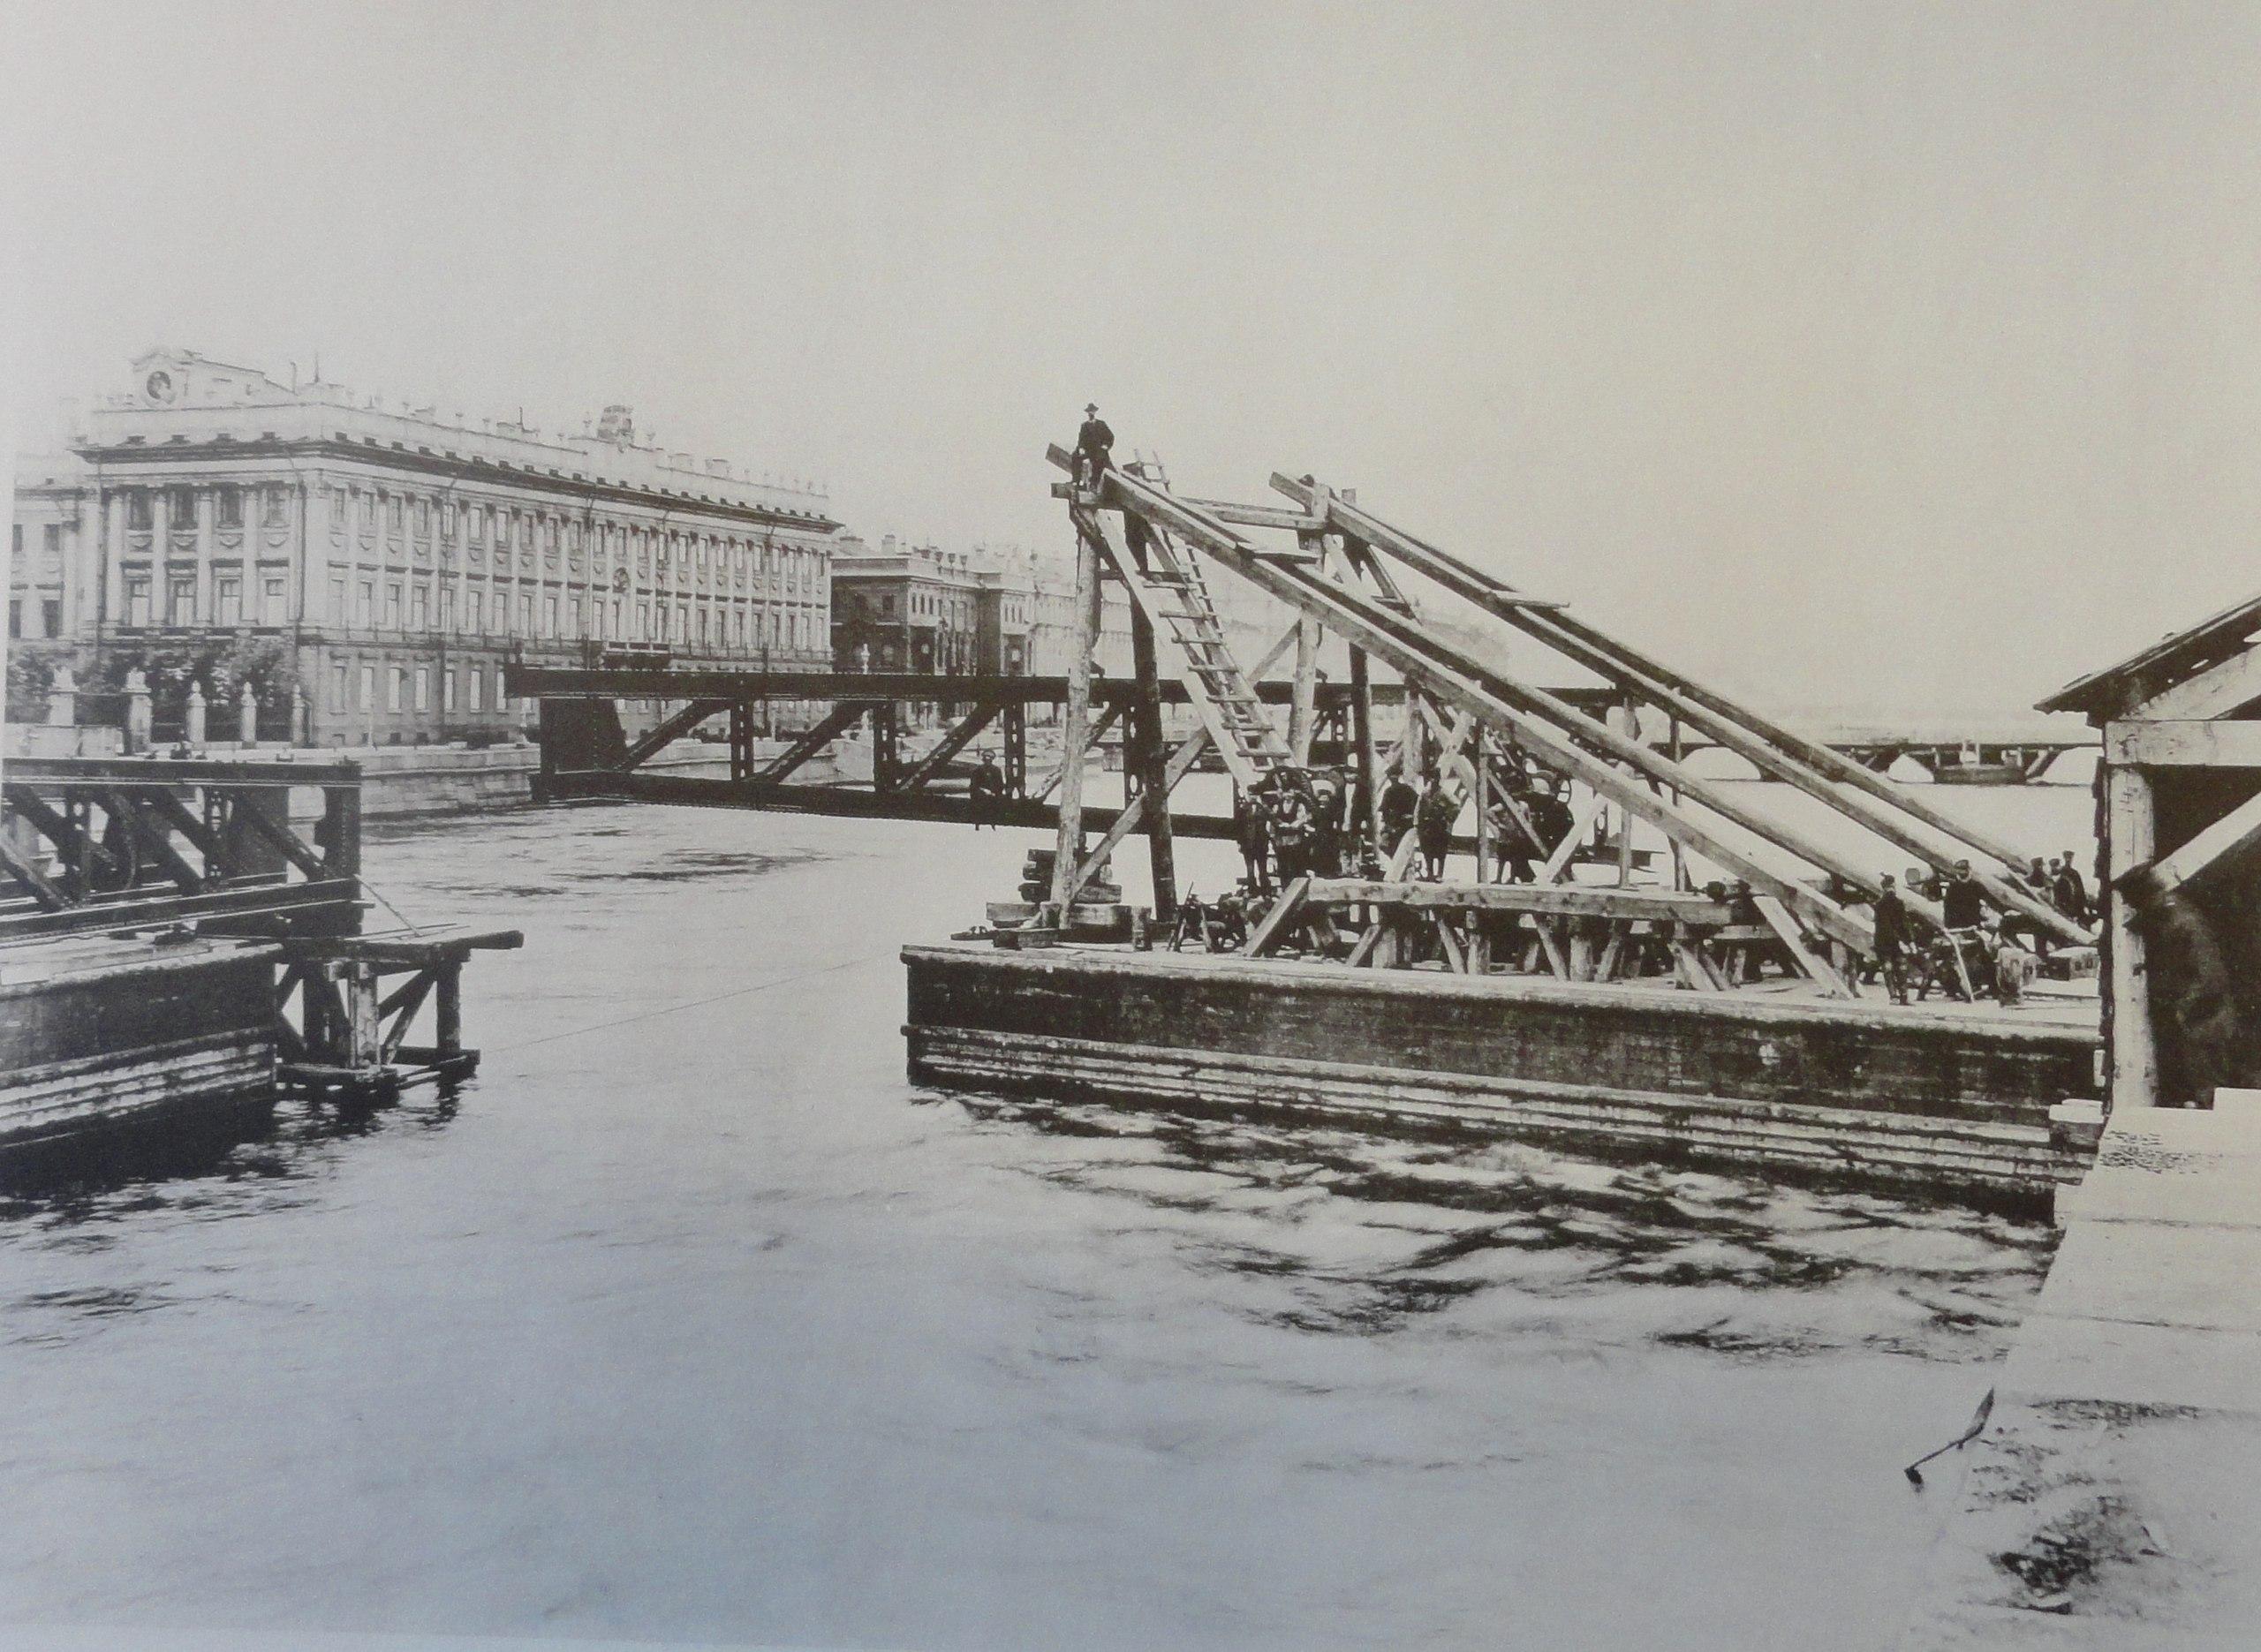 1901. Перевозка крайней трети фермы поворотного моста. Июнь